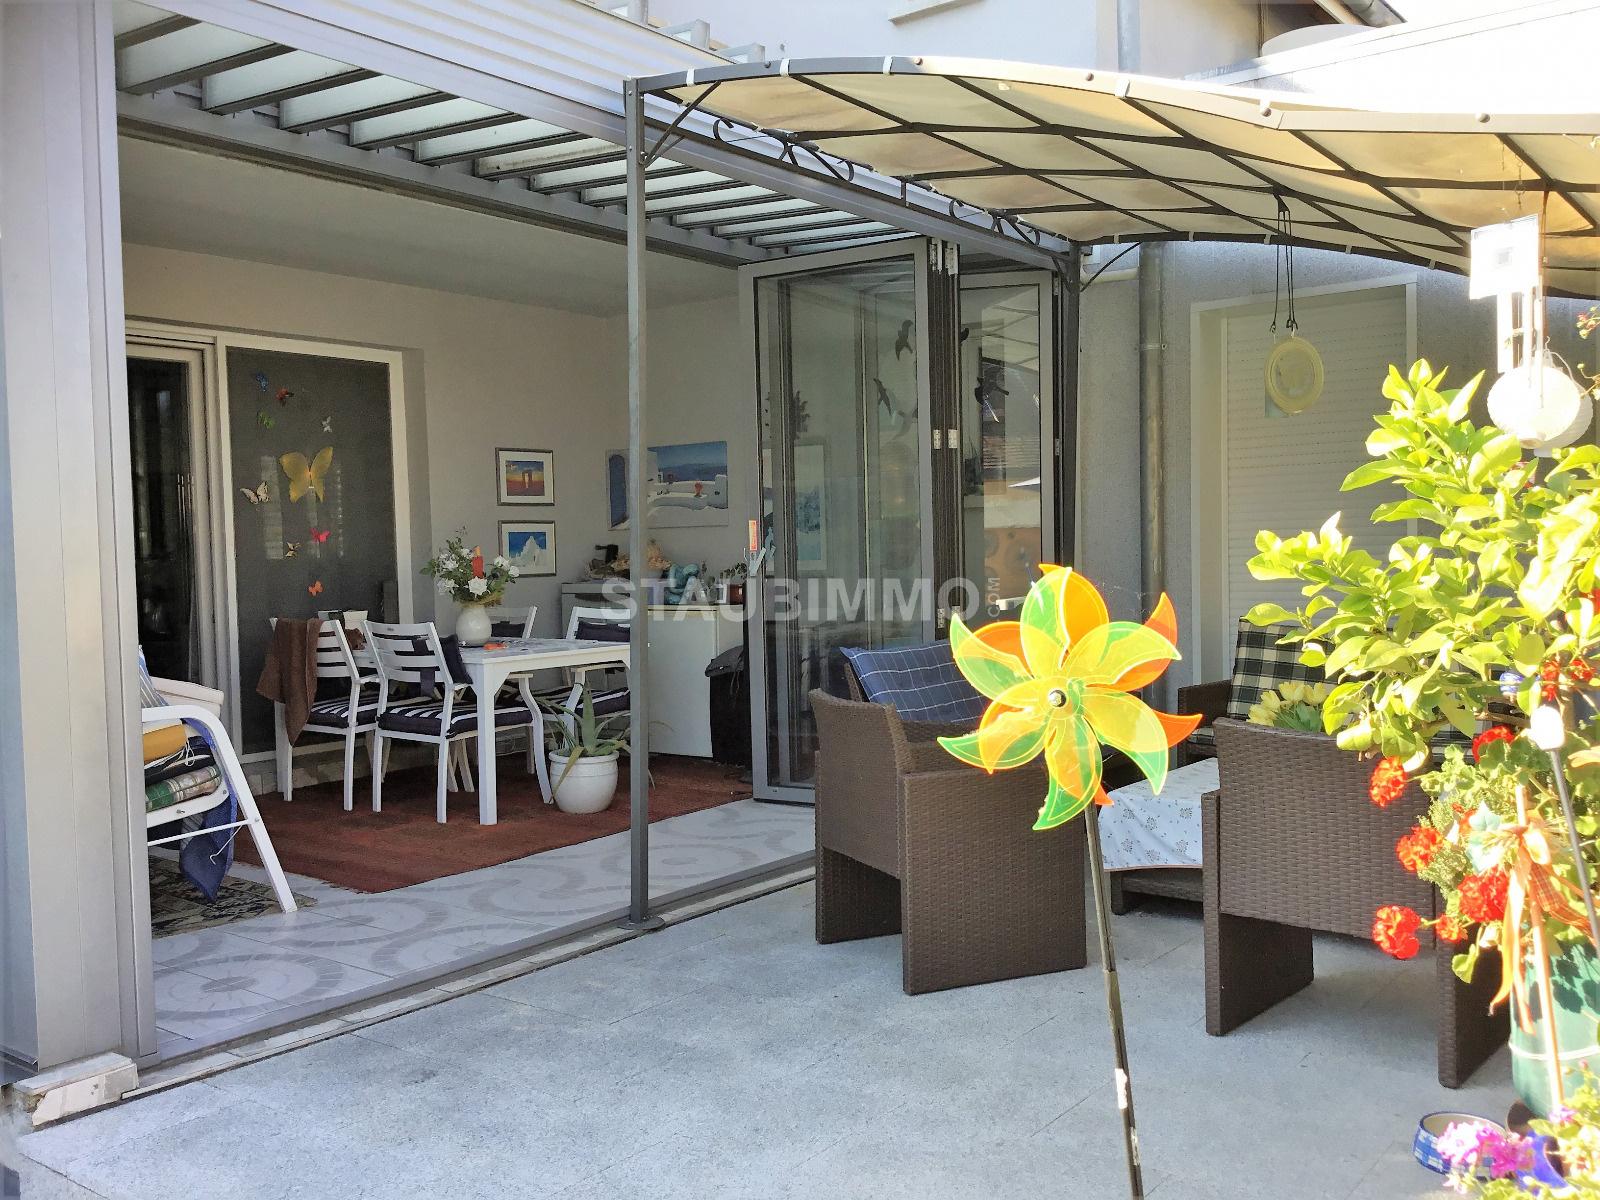 Vente village neuf maison de 126 m avec piscine chauff e for Piscine village neuf horaires